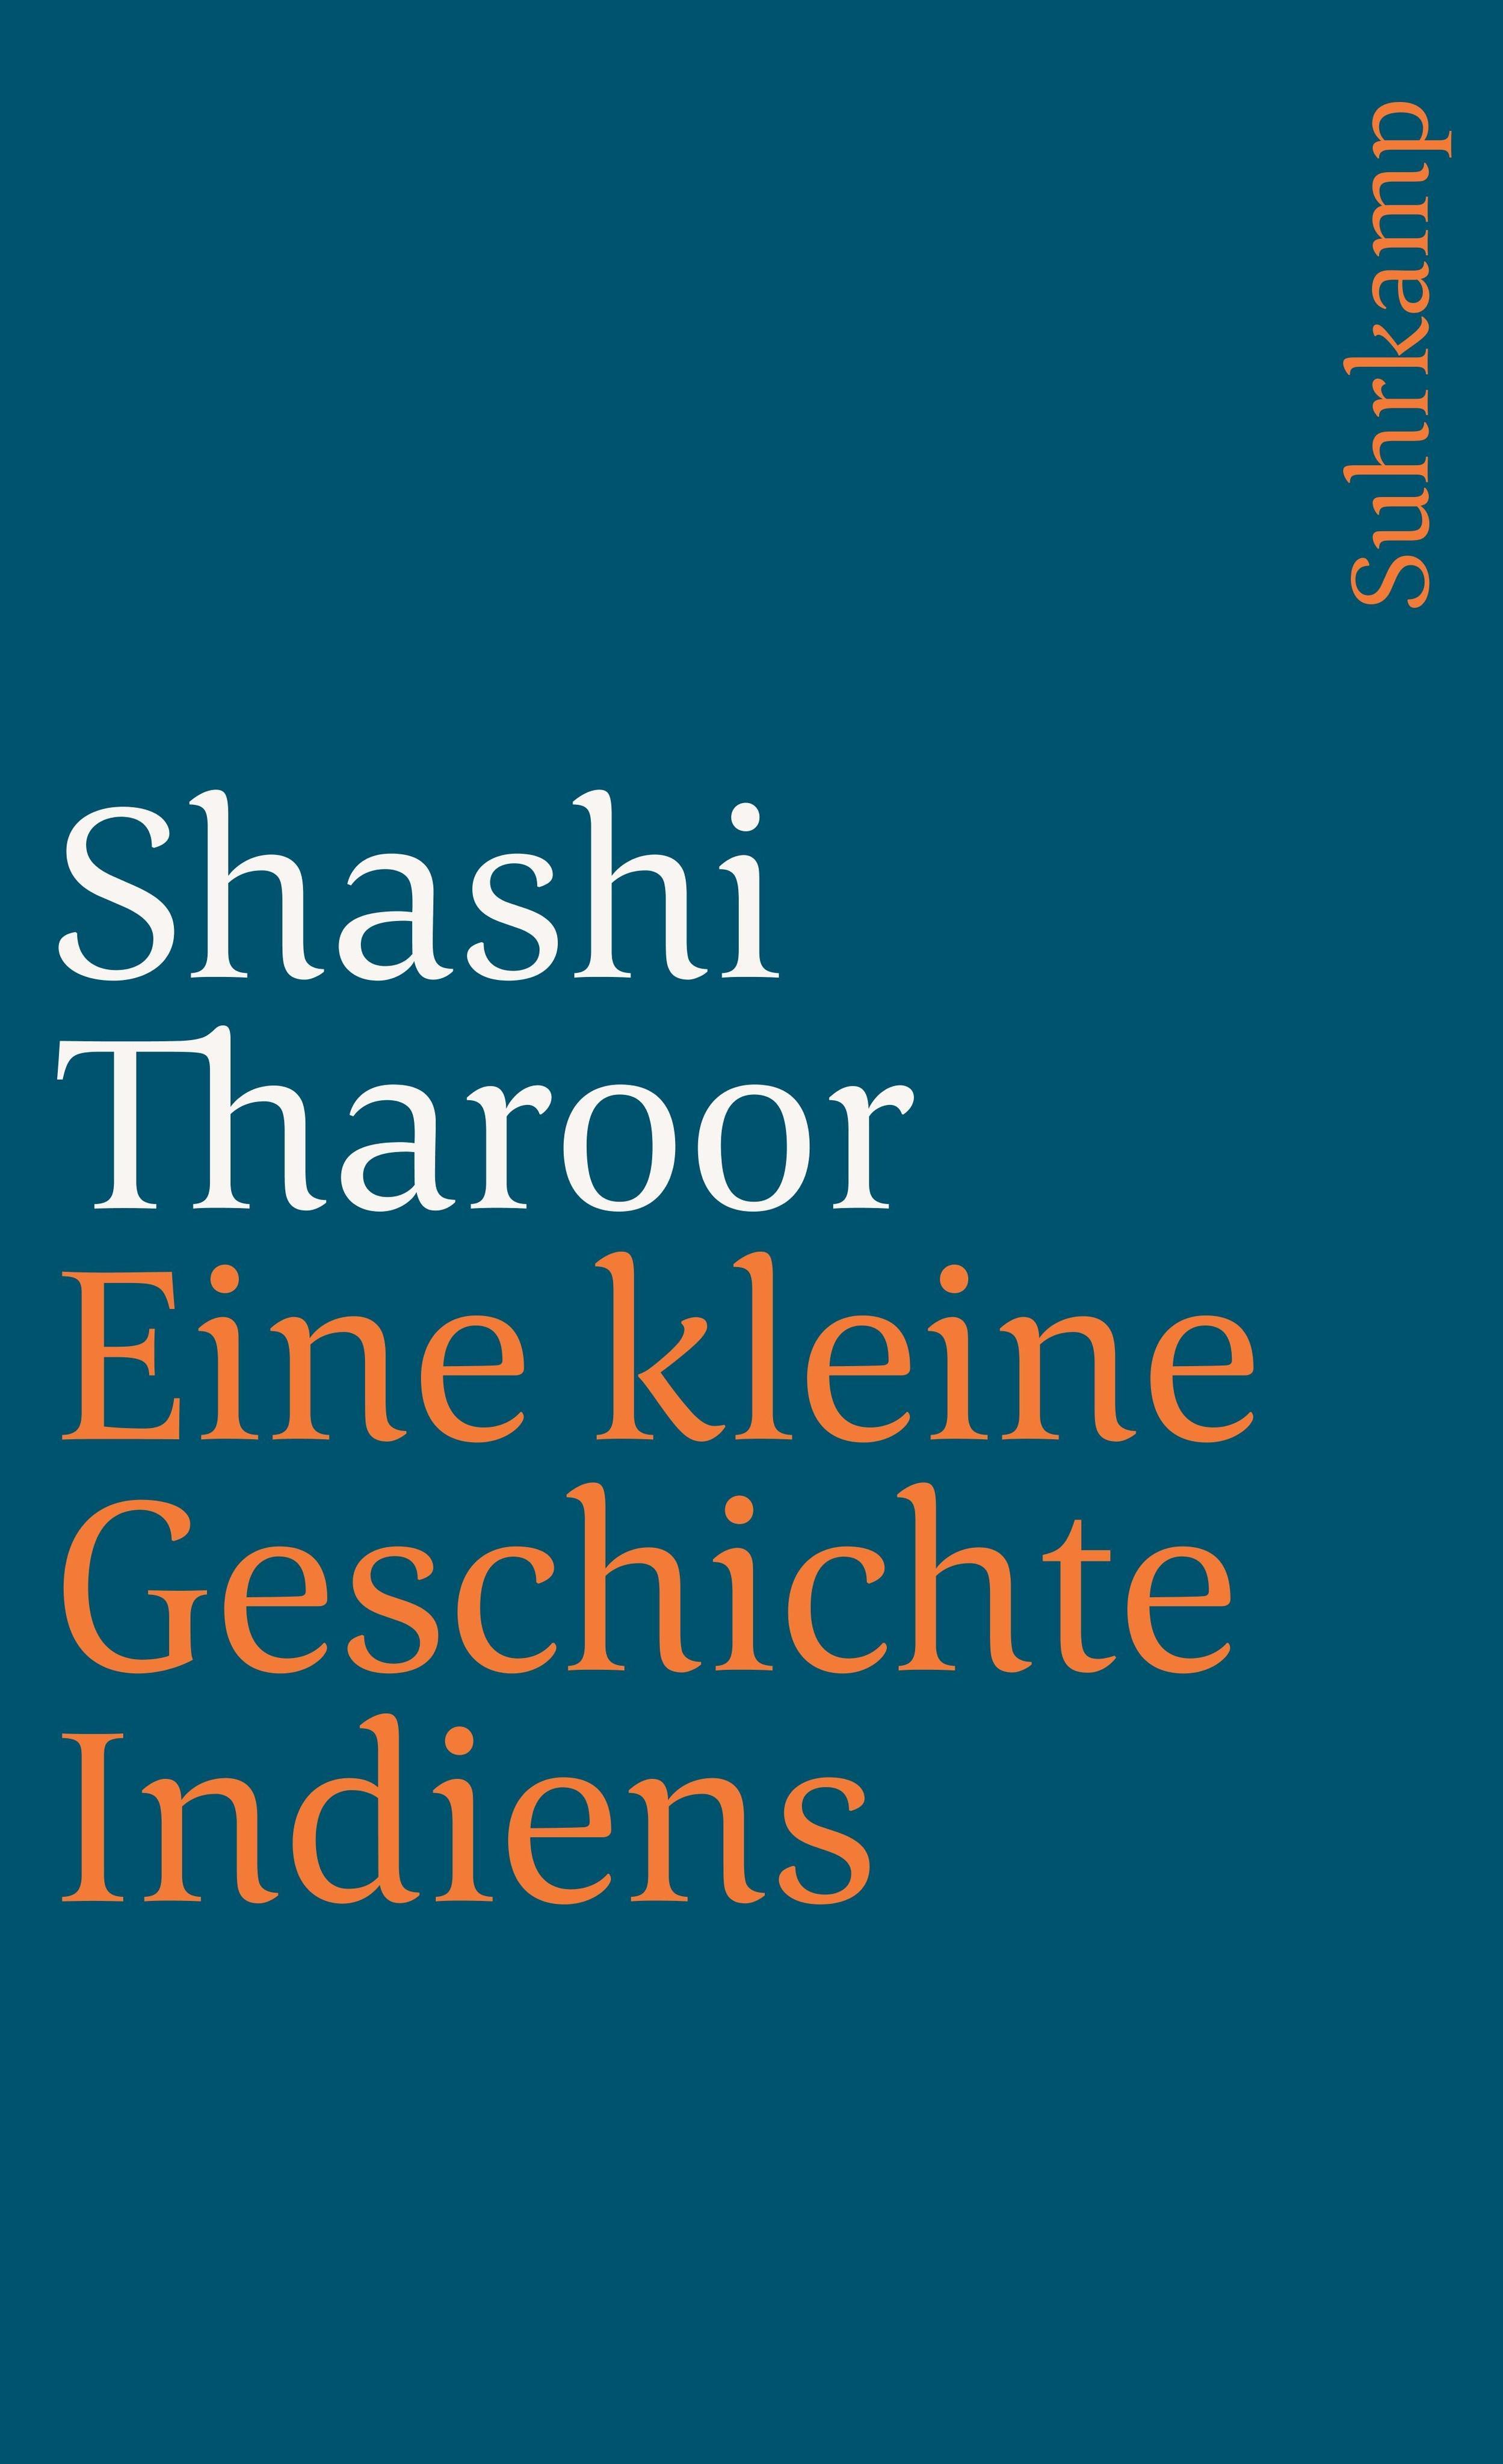 Shashi Tharoor ~ Eine kleine Geschichte Indiens 9783518456781